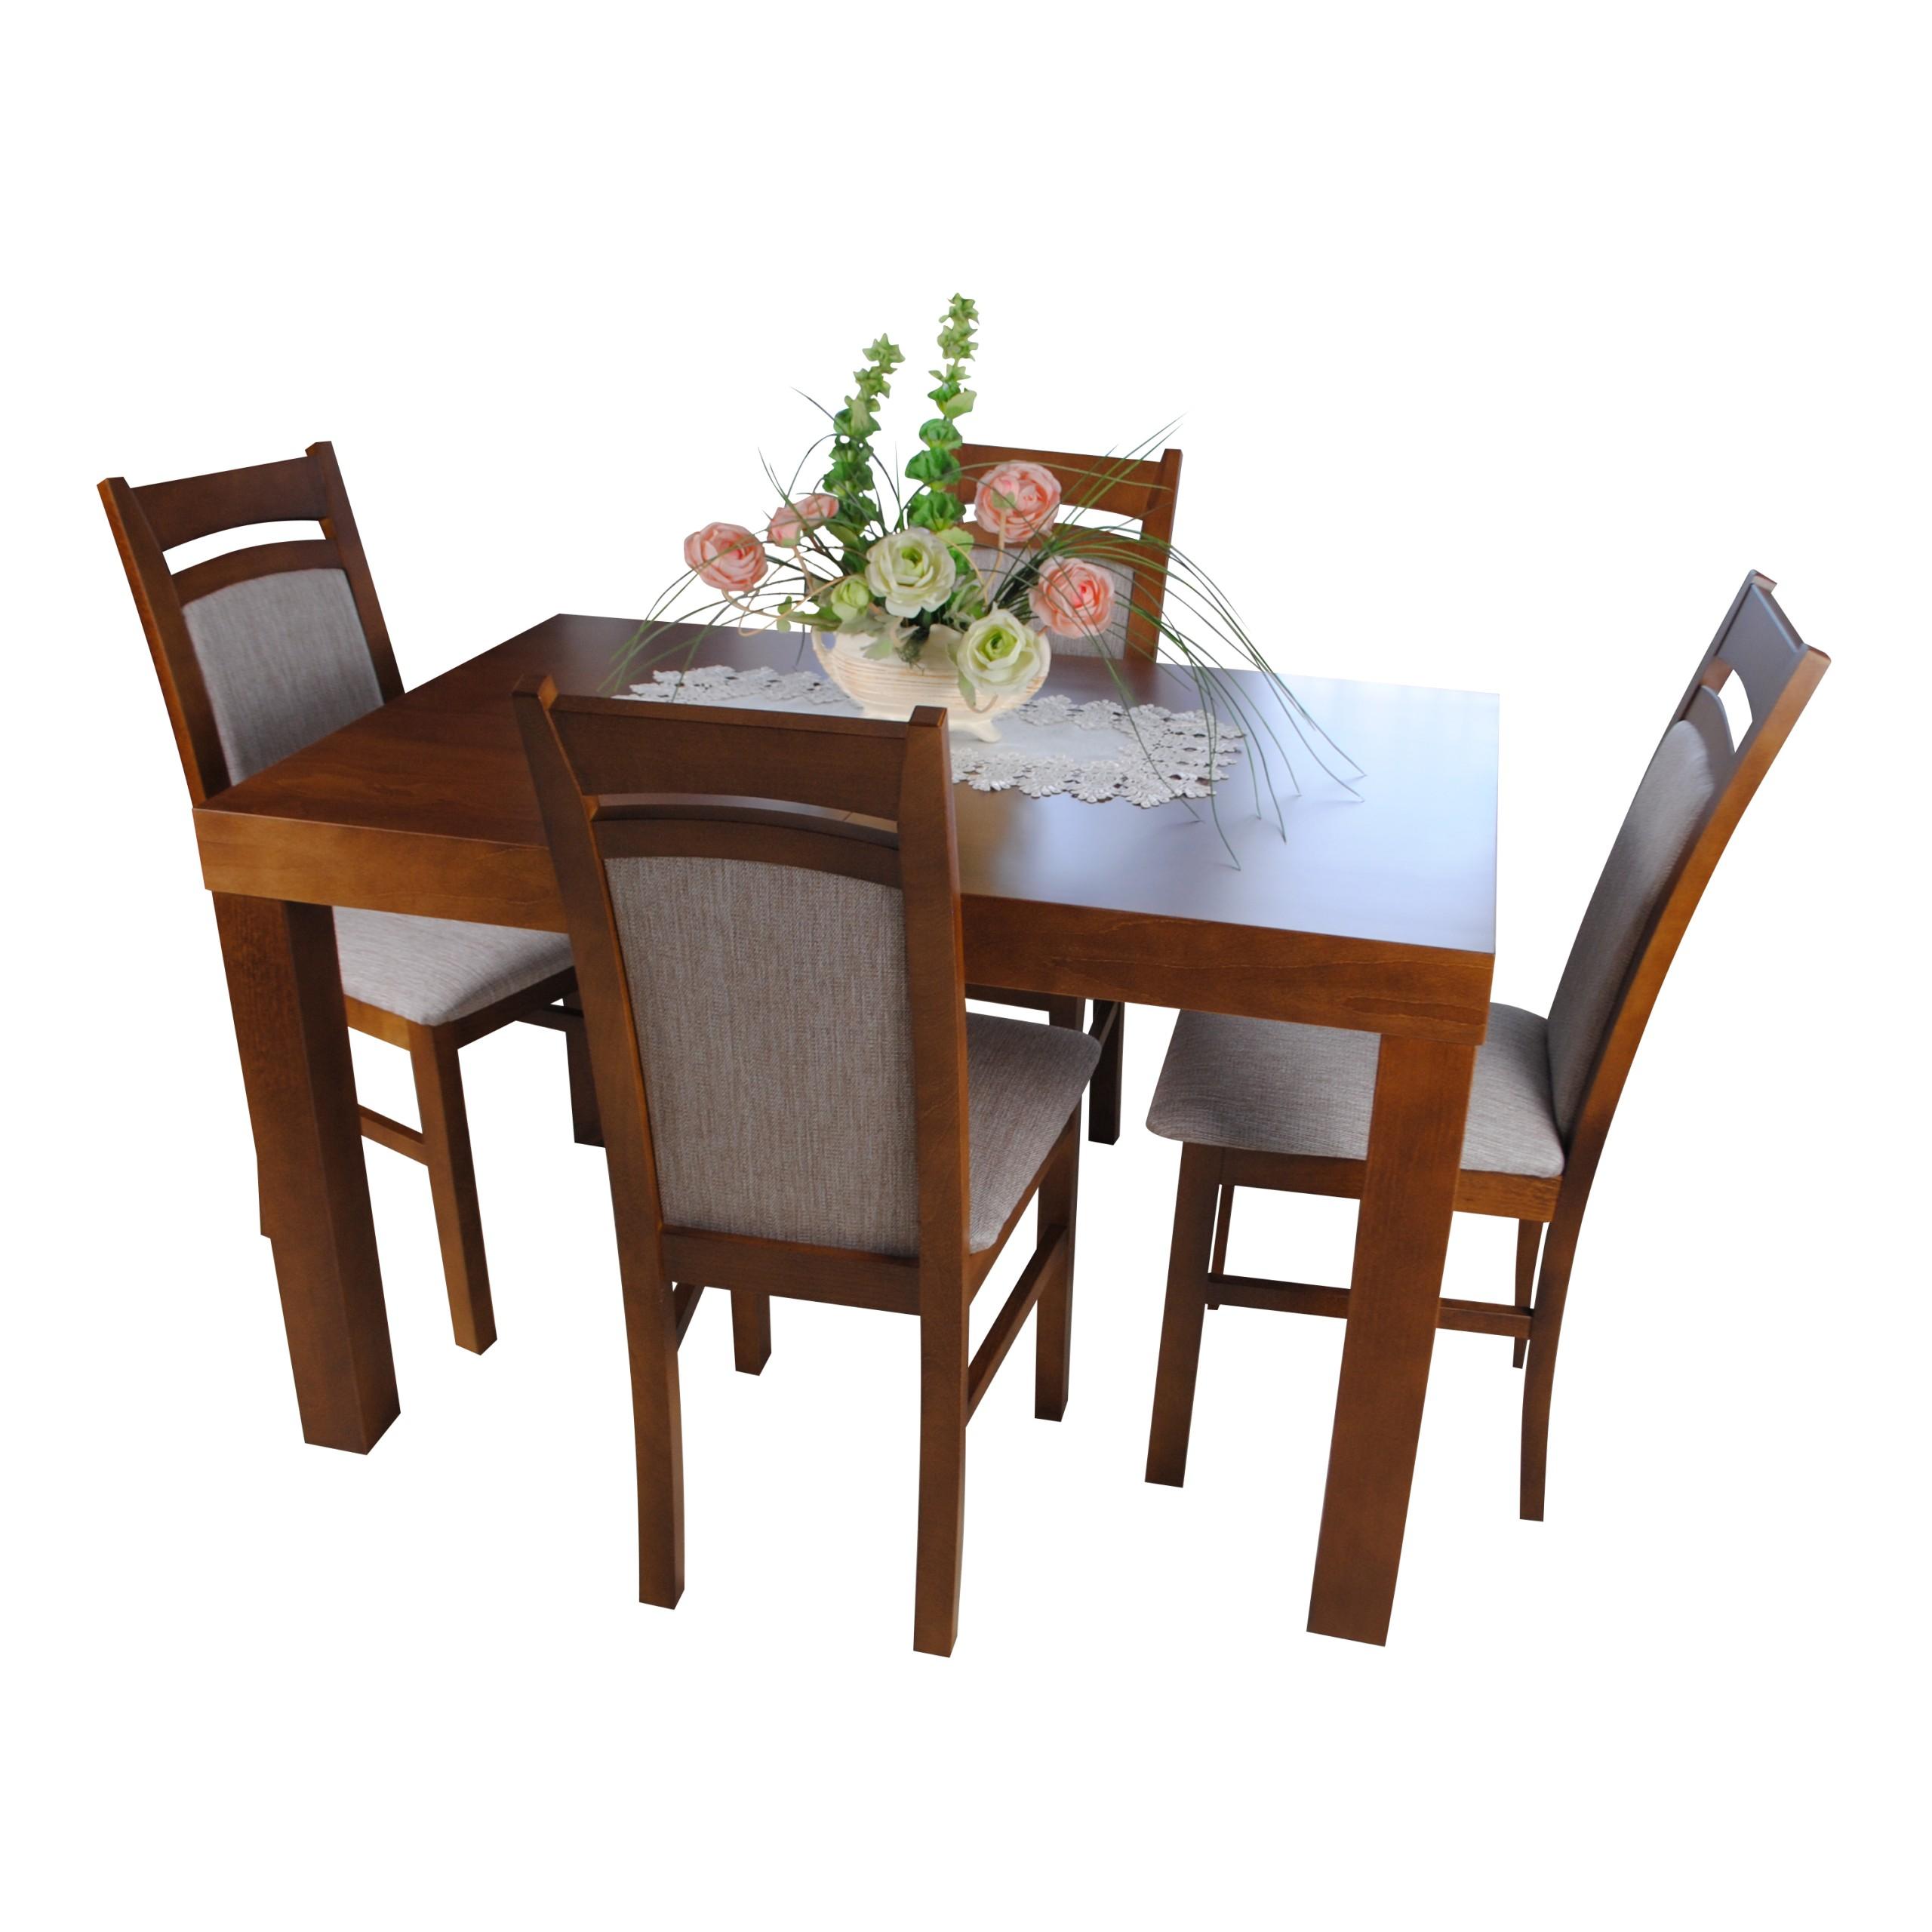 Jadalnia Salon 7278679917 4 Pl Krzesła Zestaw Allegro Stół